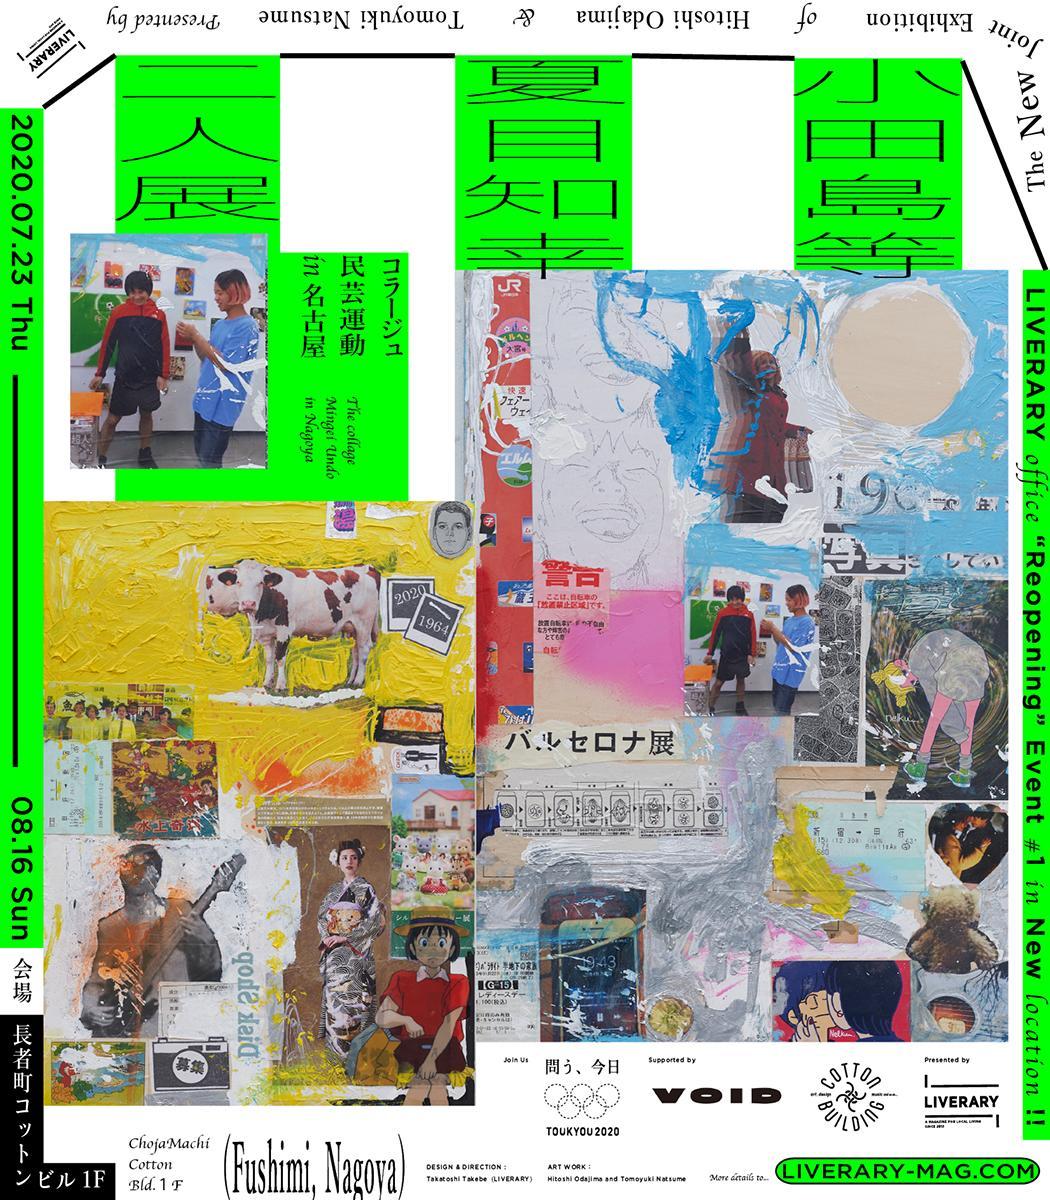 「小田島等夏目知幸二人展『コラージュ民芸運動』in名古屋」ビジュアル